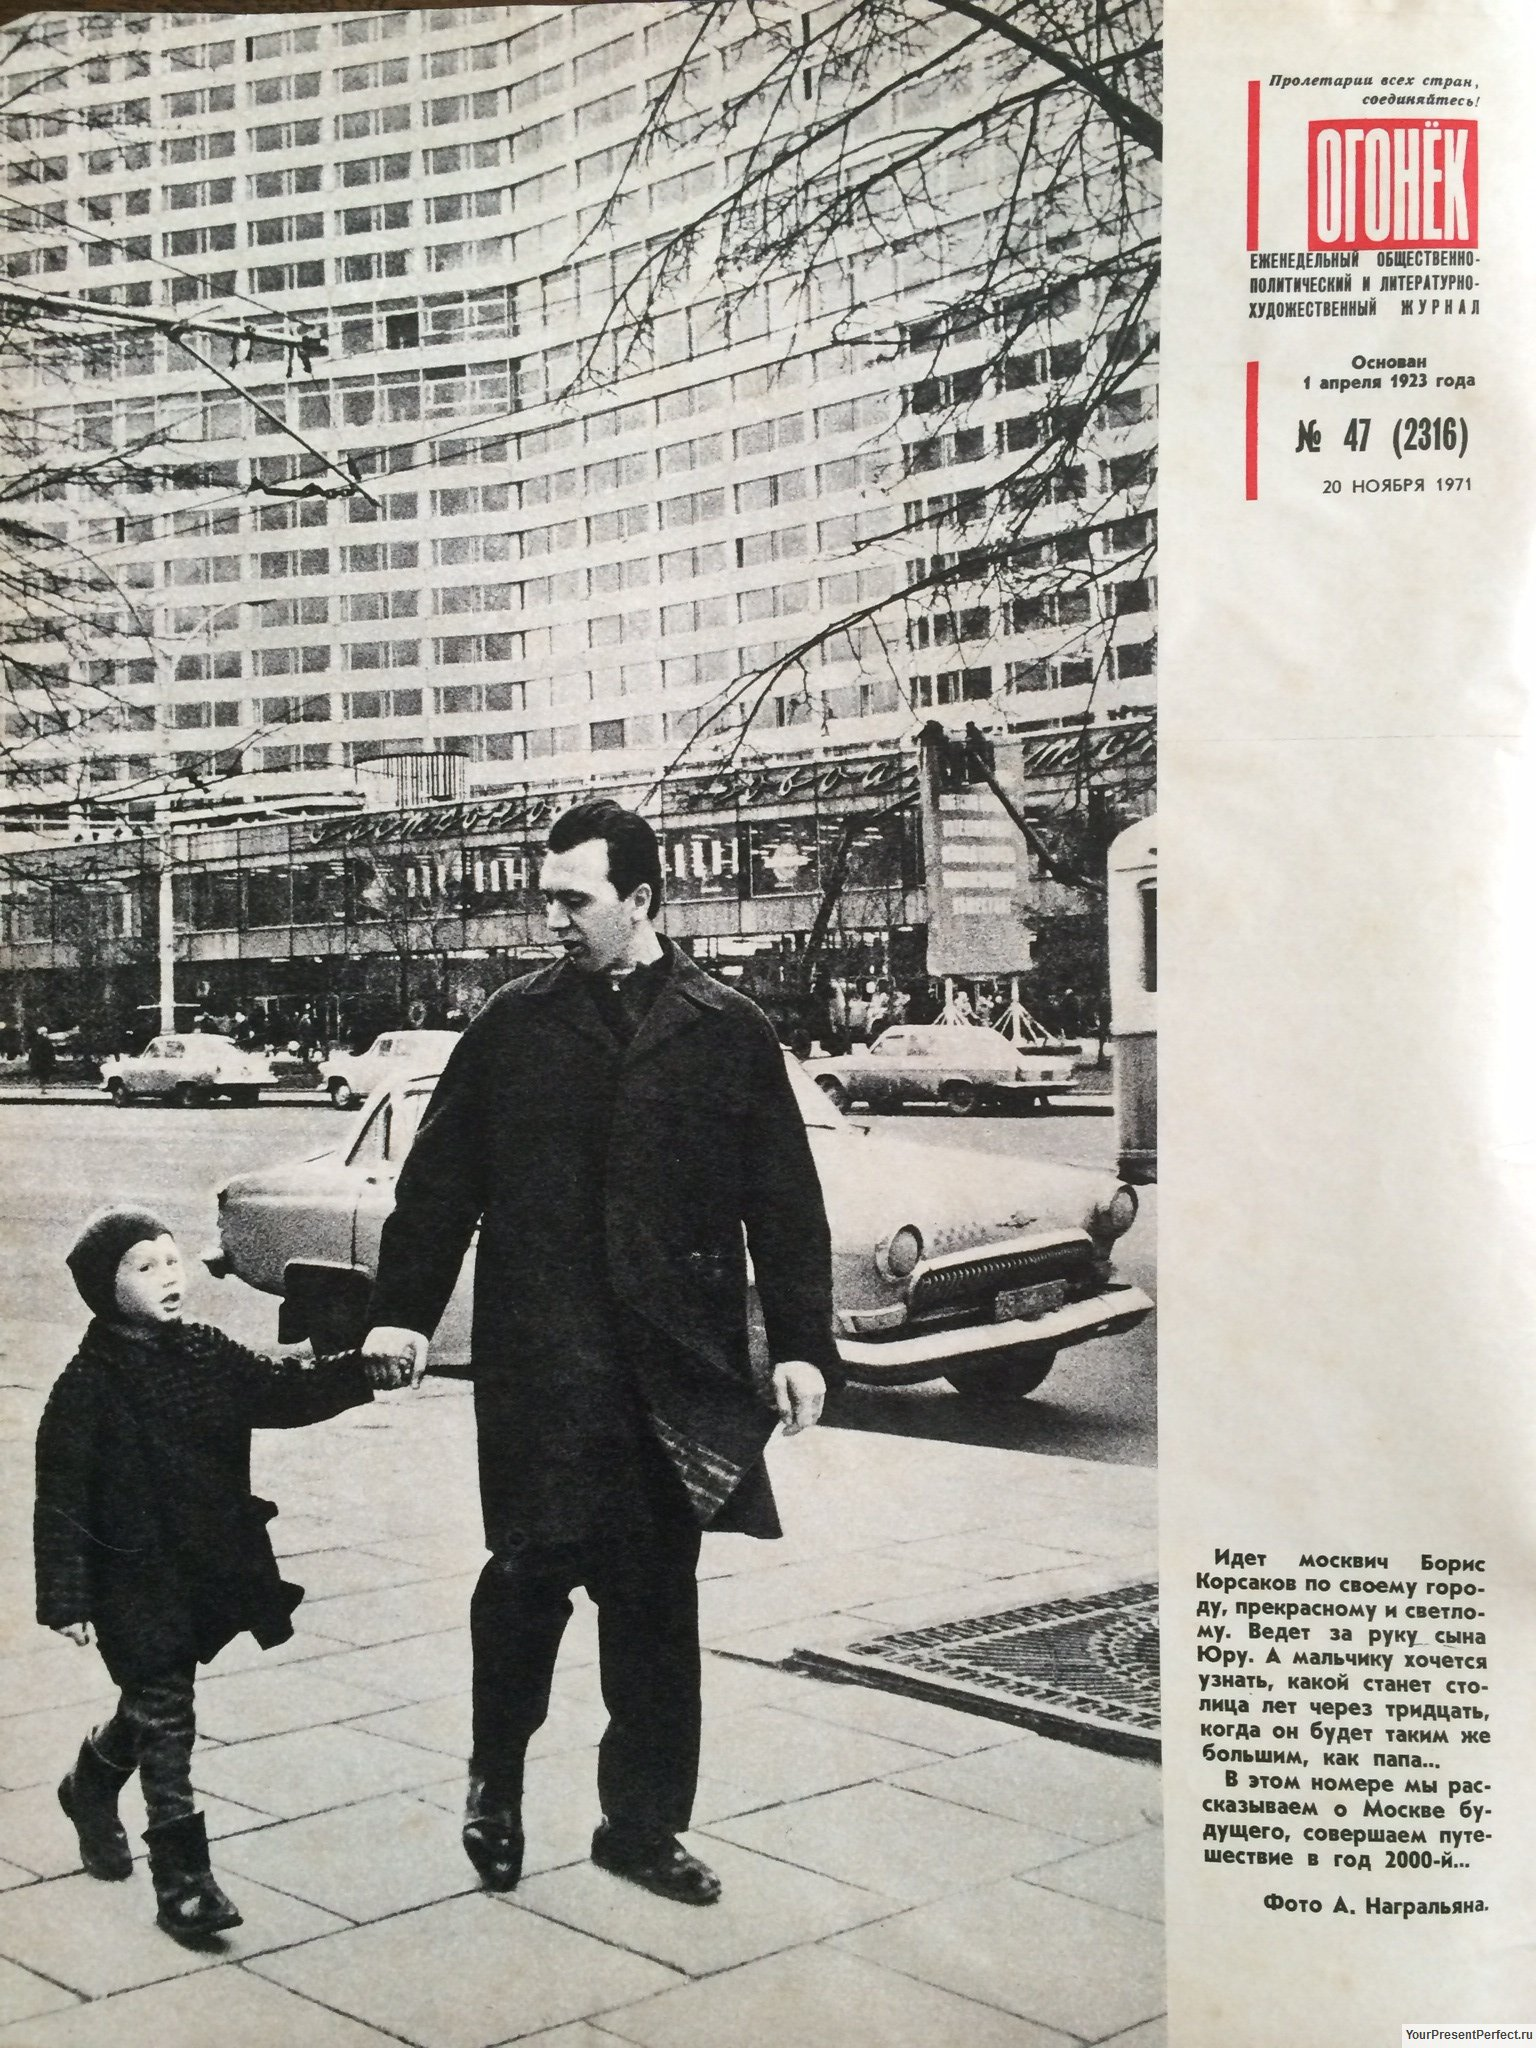 Журнал Огонек №47 20 ноября 1971